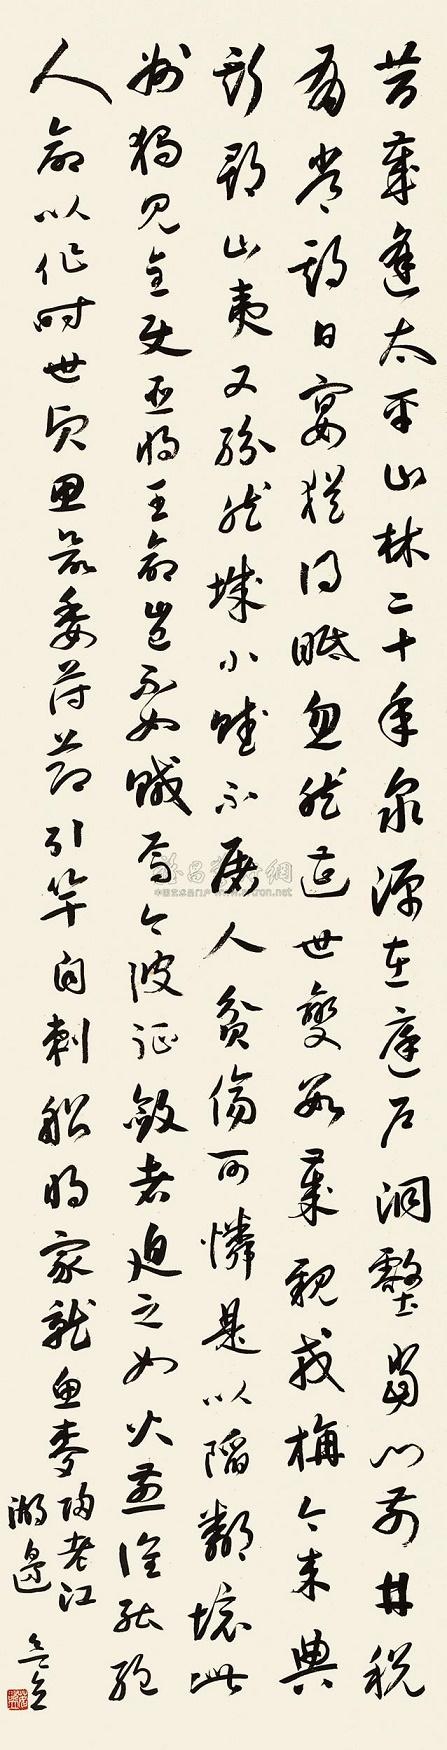 《贼退示官吏·并序》元结唐诗注释翻译赏析 3 58